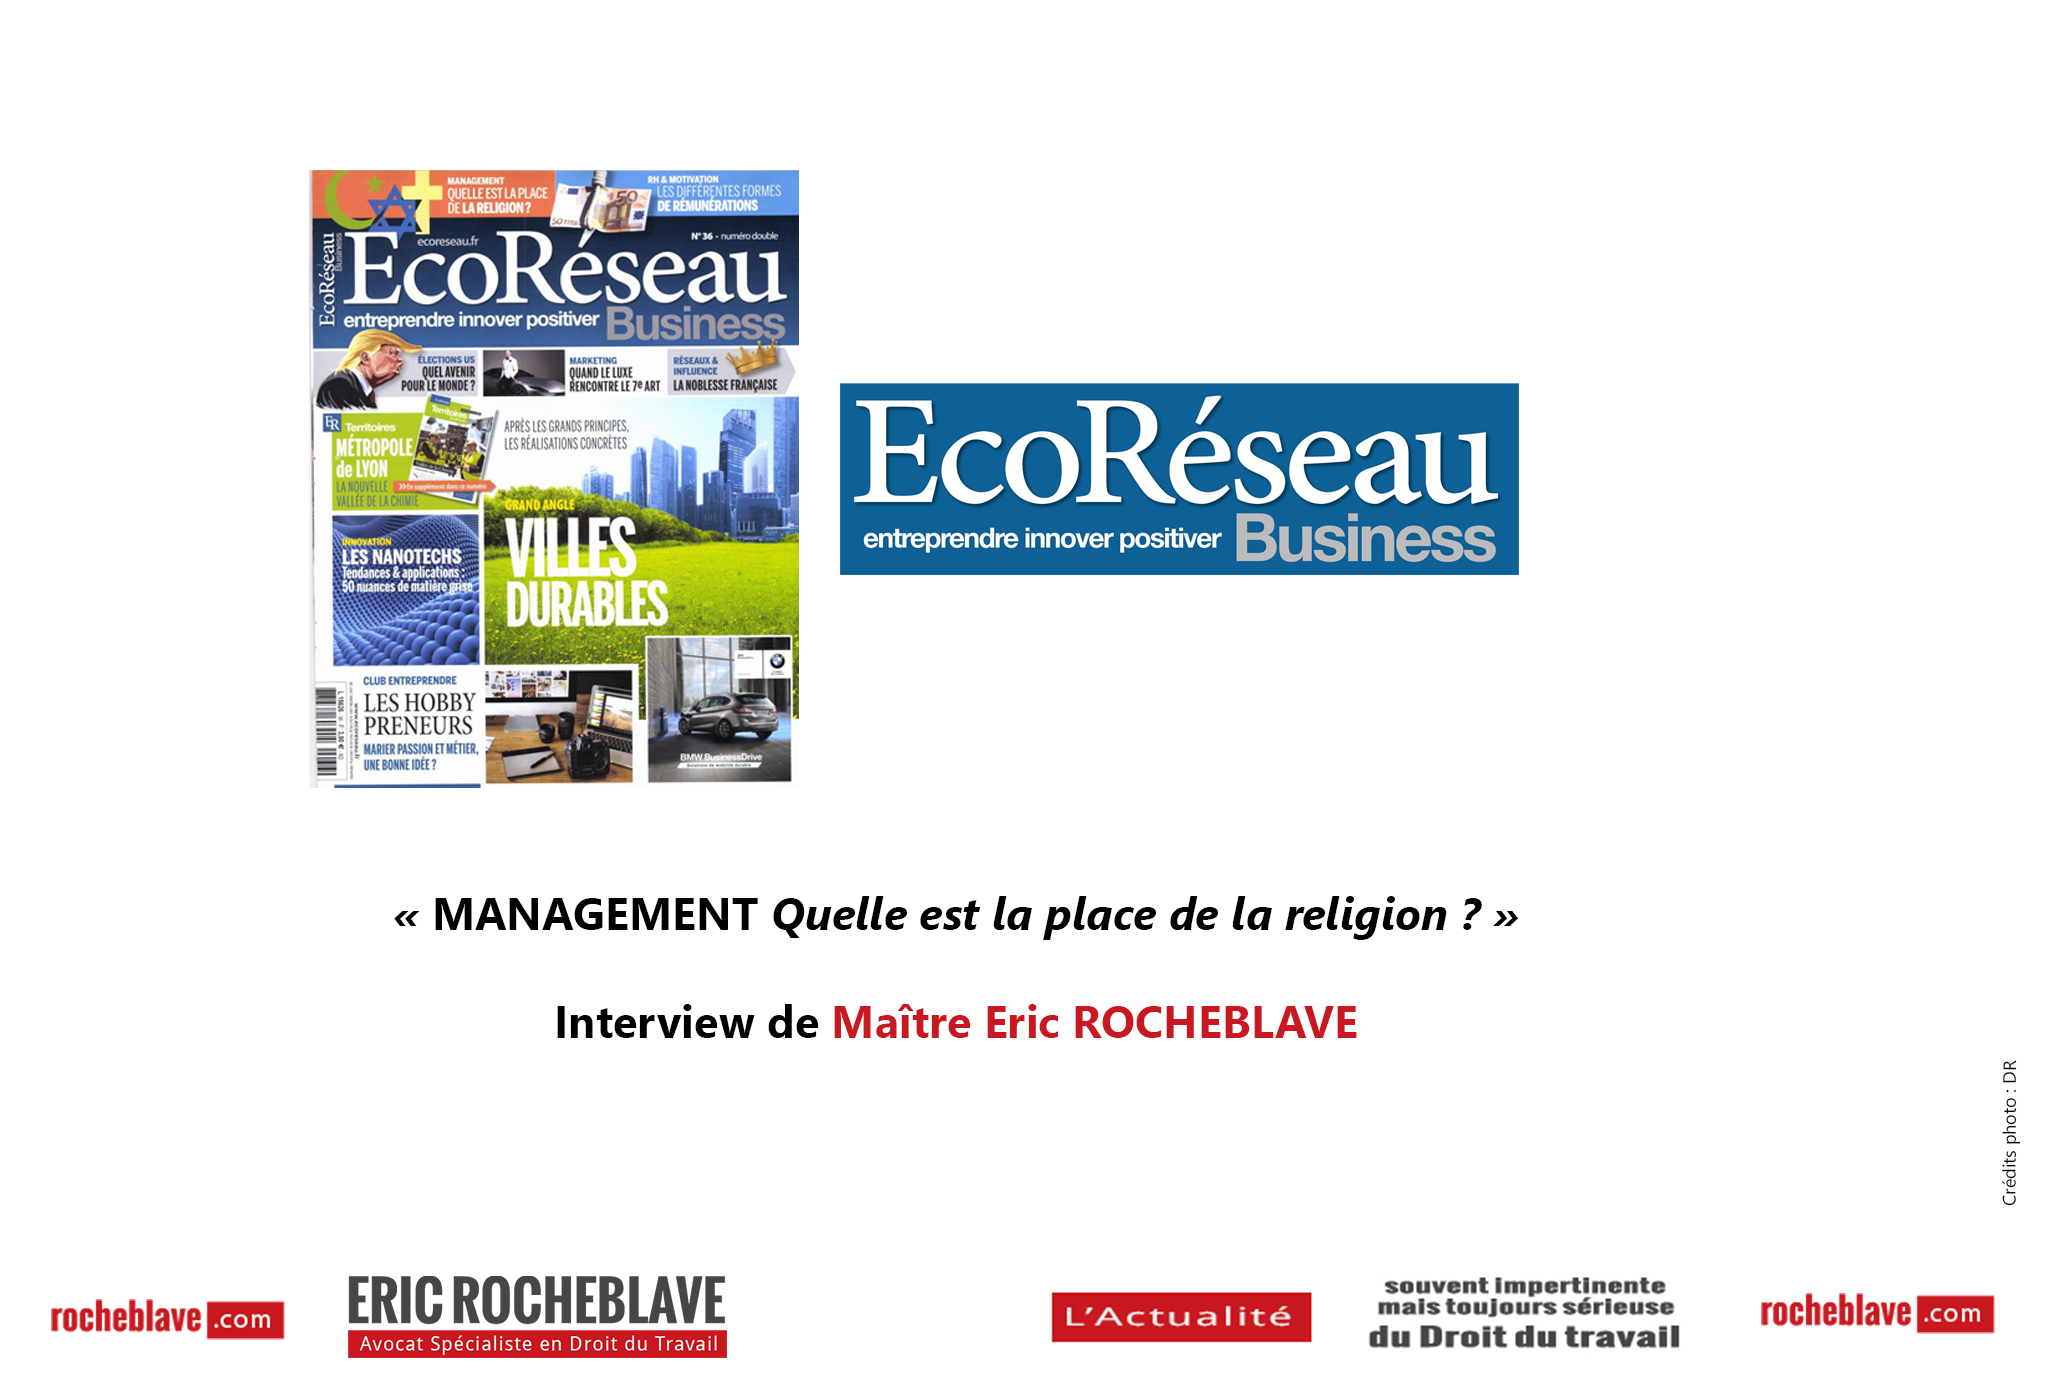 69ad3e58031 MANAGEMENT Quelle est la place de la religion   » Interview de Maître Eric  ROCHEBLAVE · «